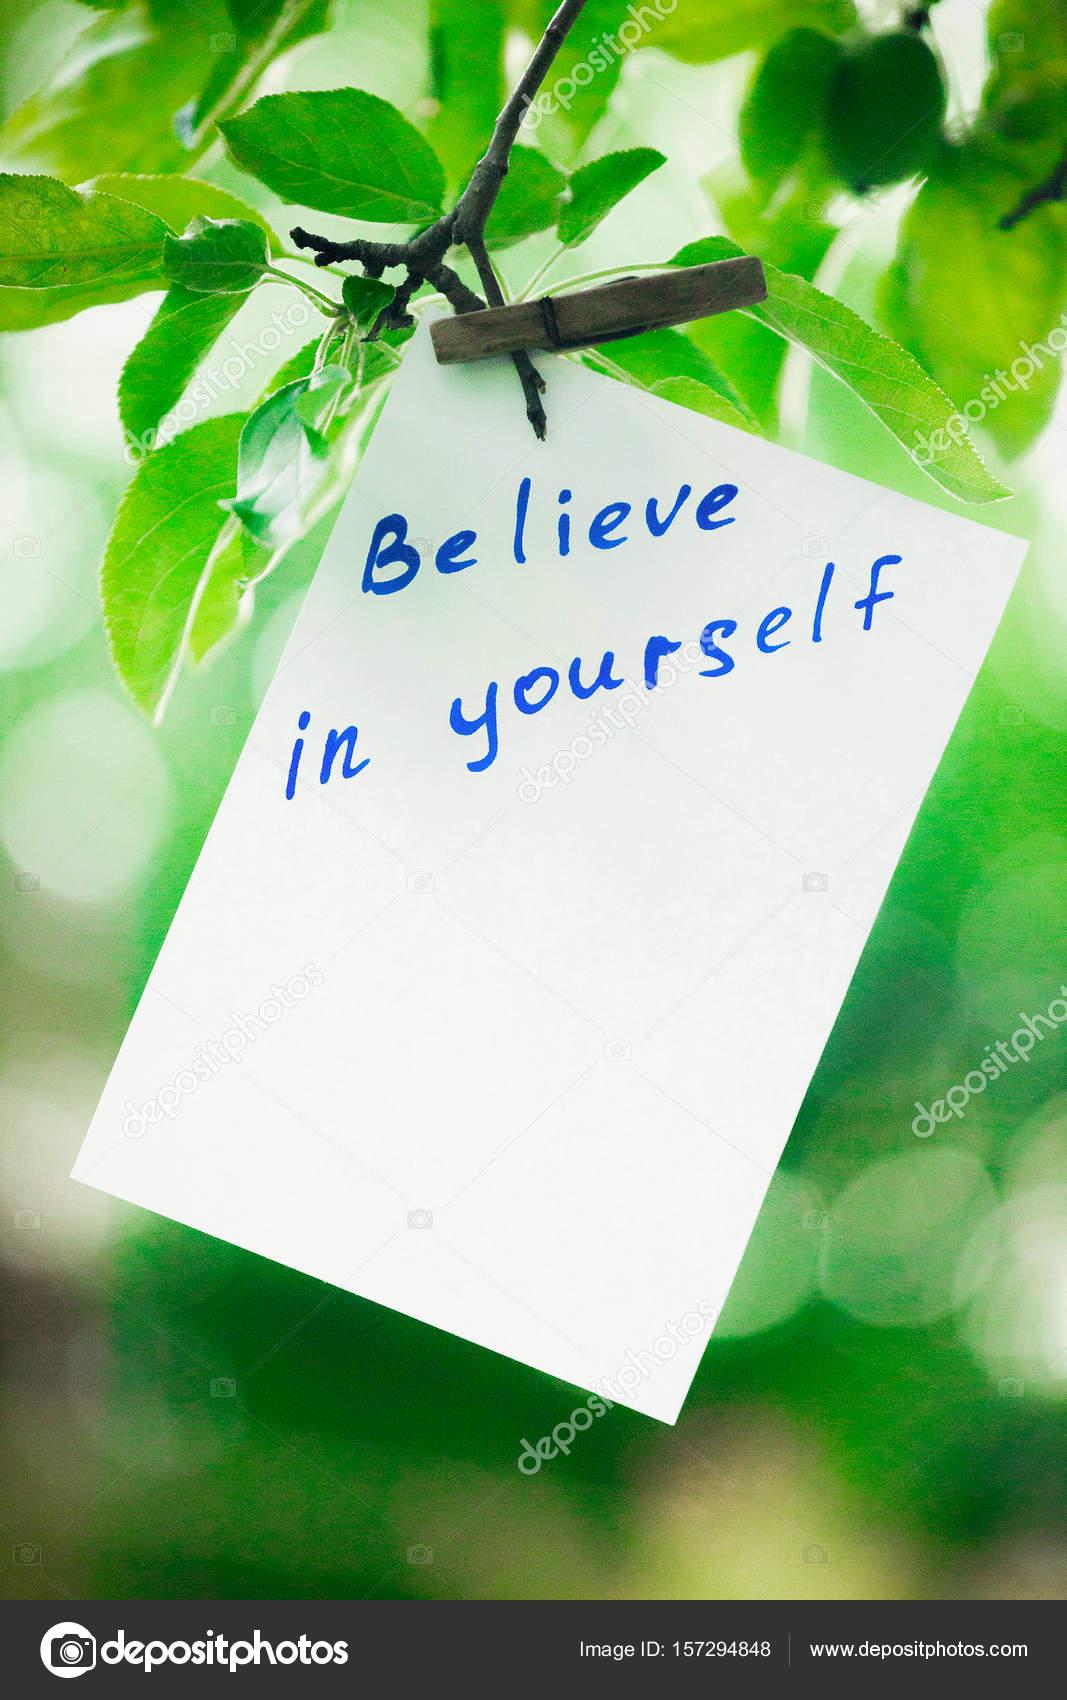 Fondos Con Frases Motivadoras Frase Motivadora Creer En Ti